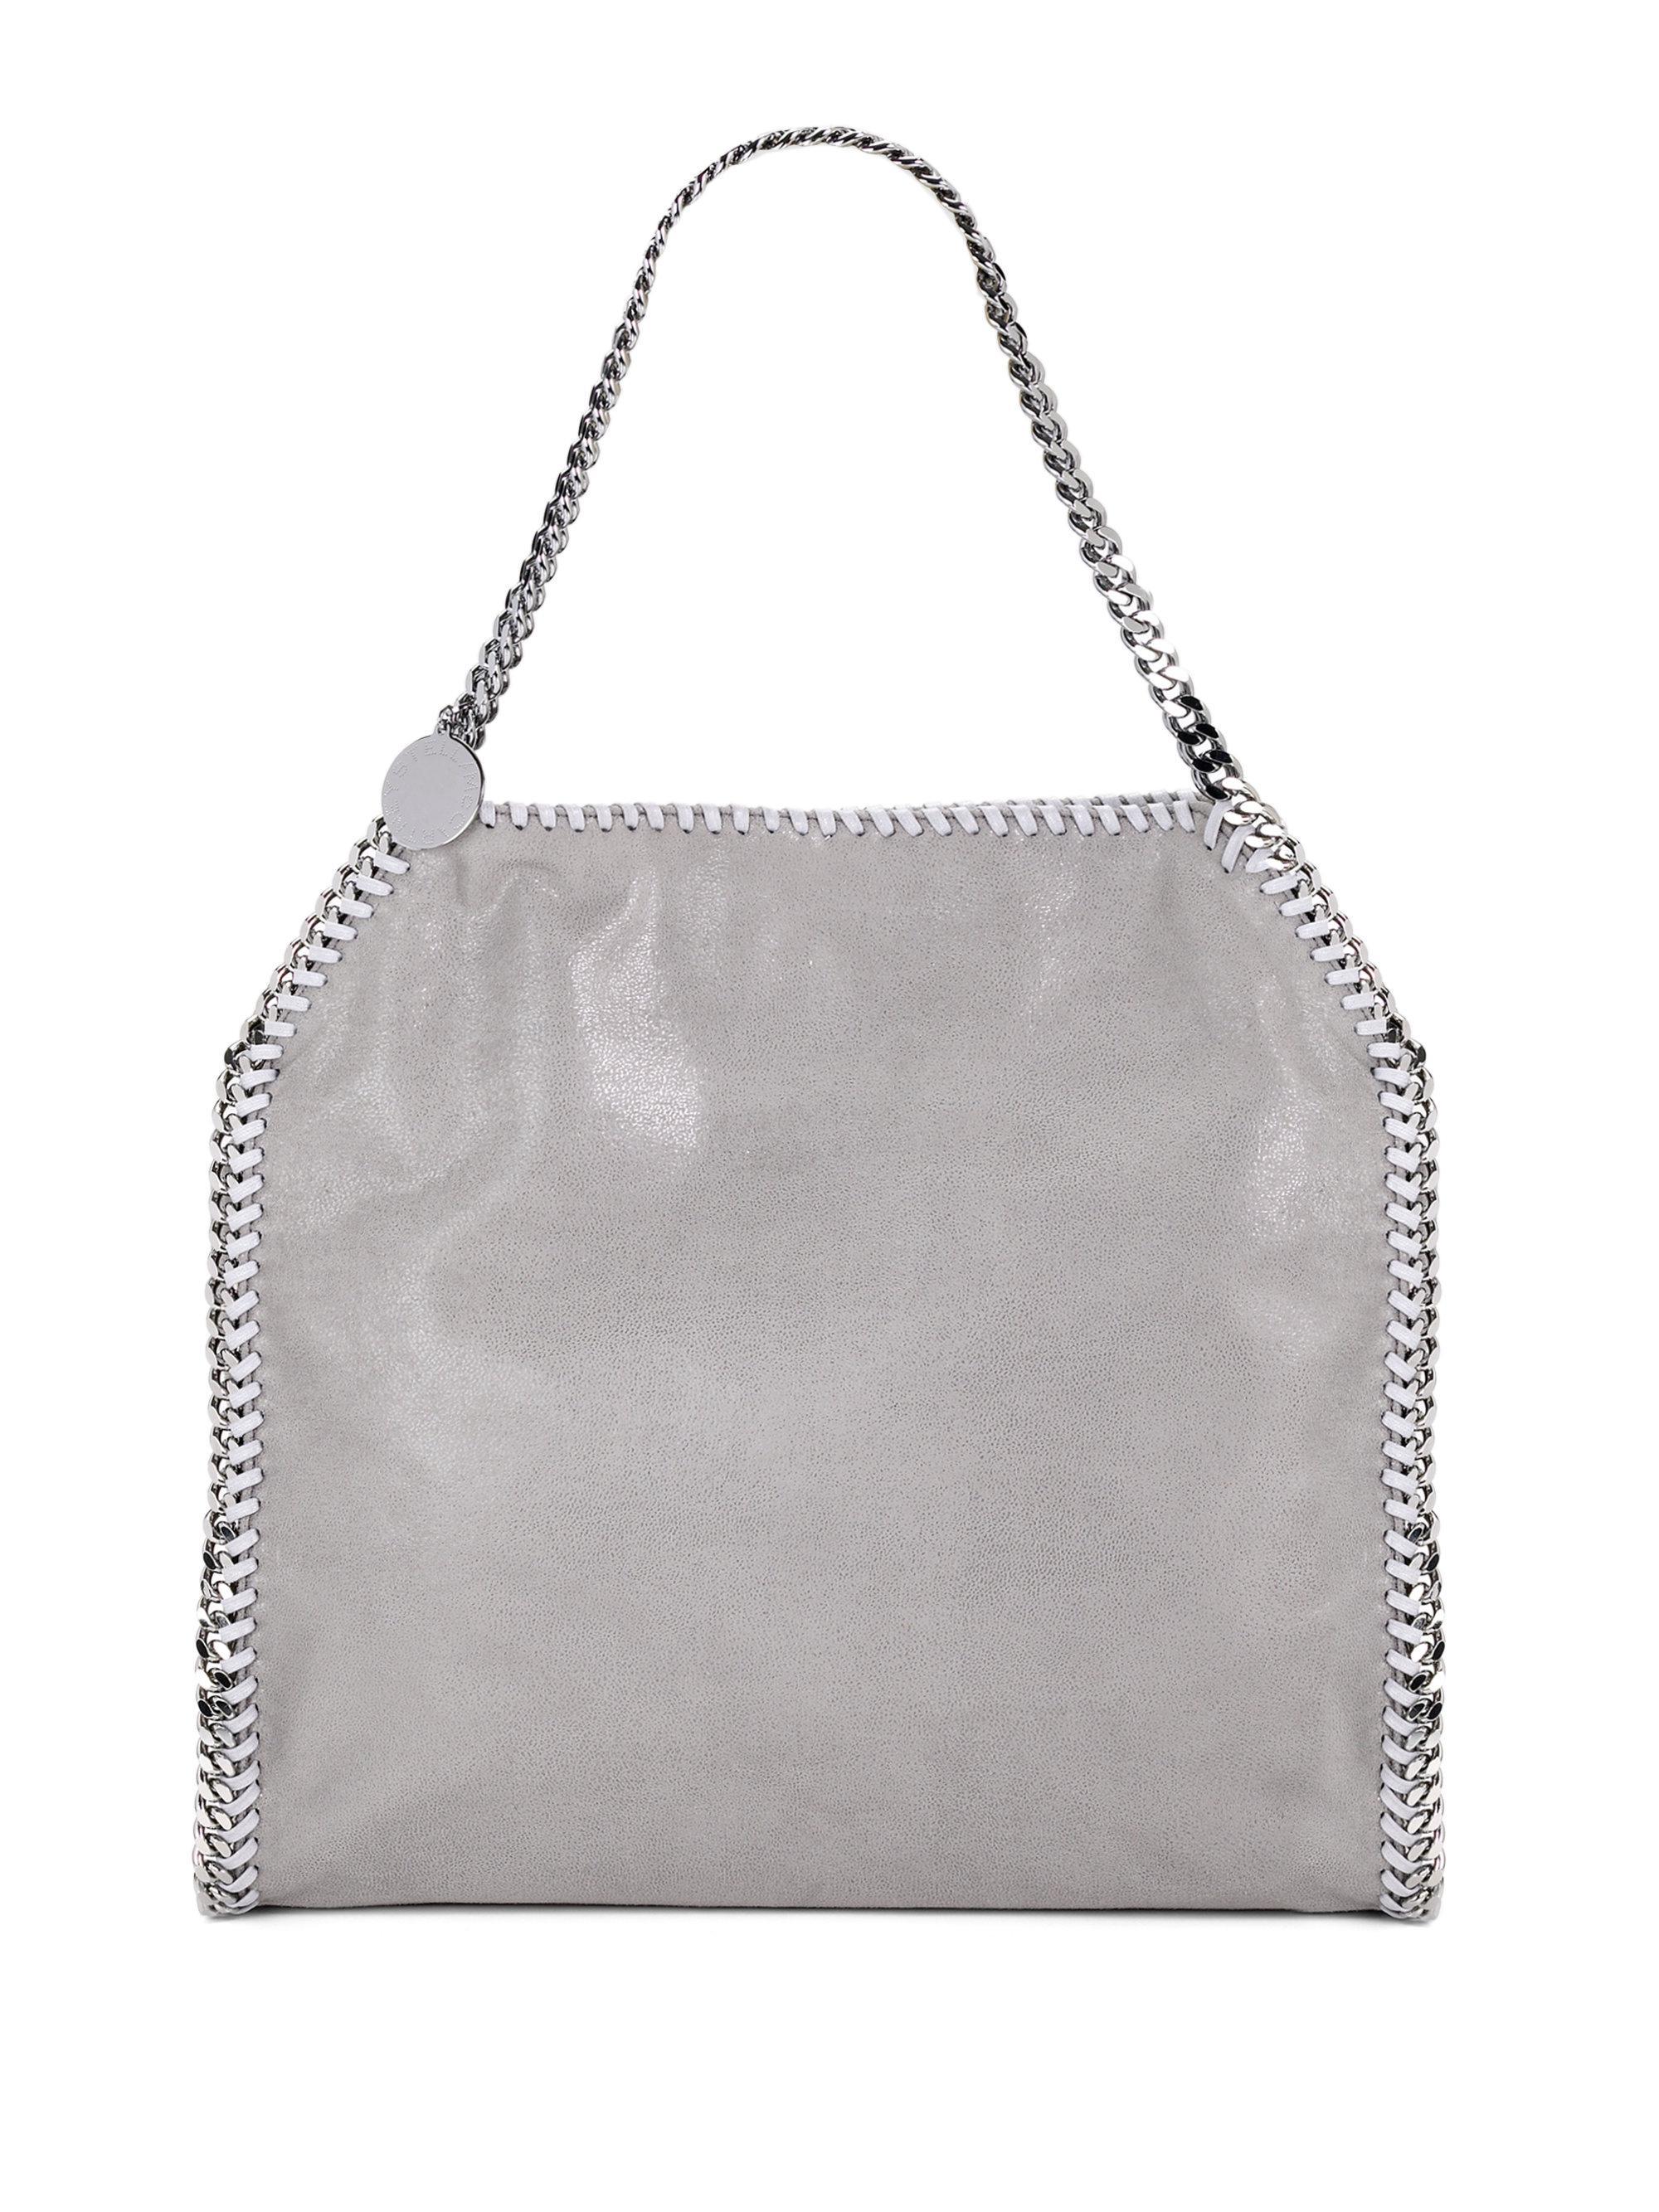 Stella Mccartney Falabella Baby Bella Shoulder Bag in Gray - Lyst 176fb1e26fcaf